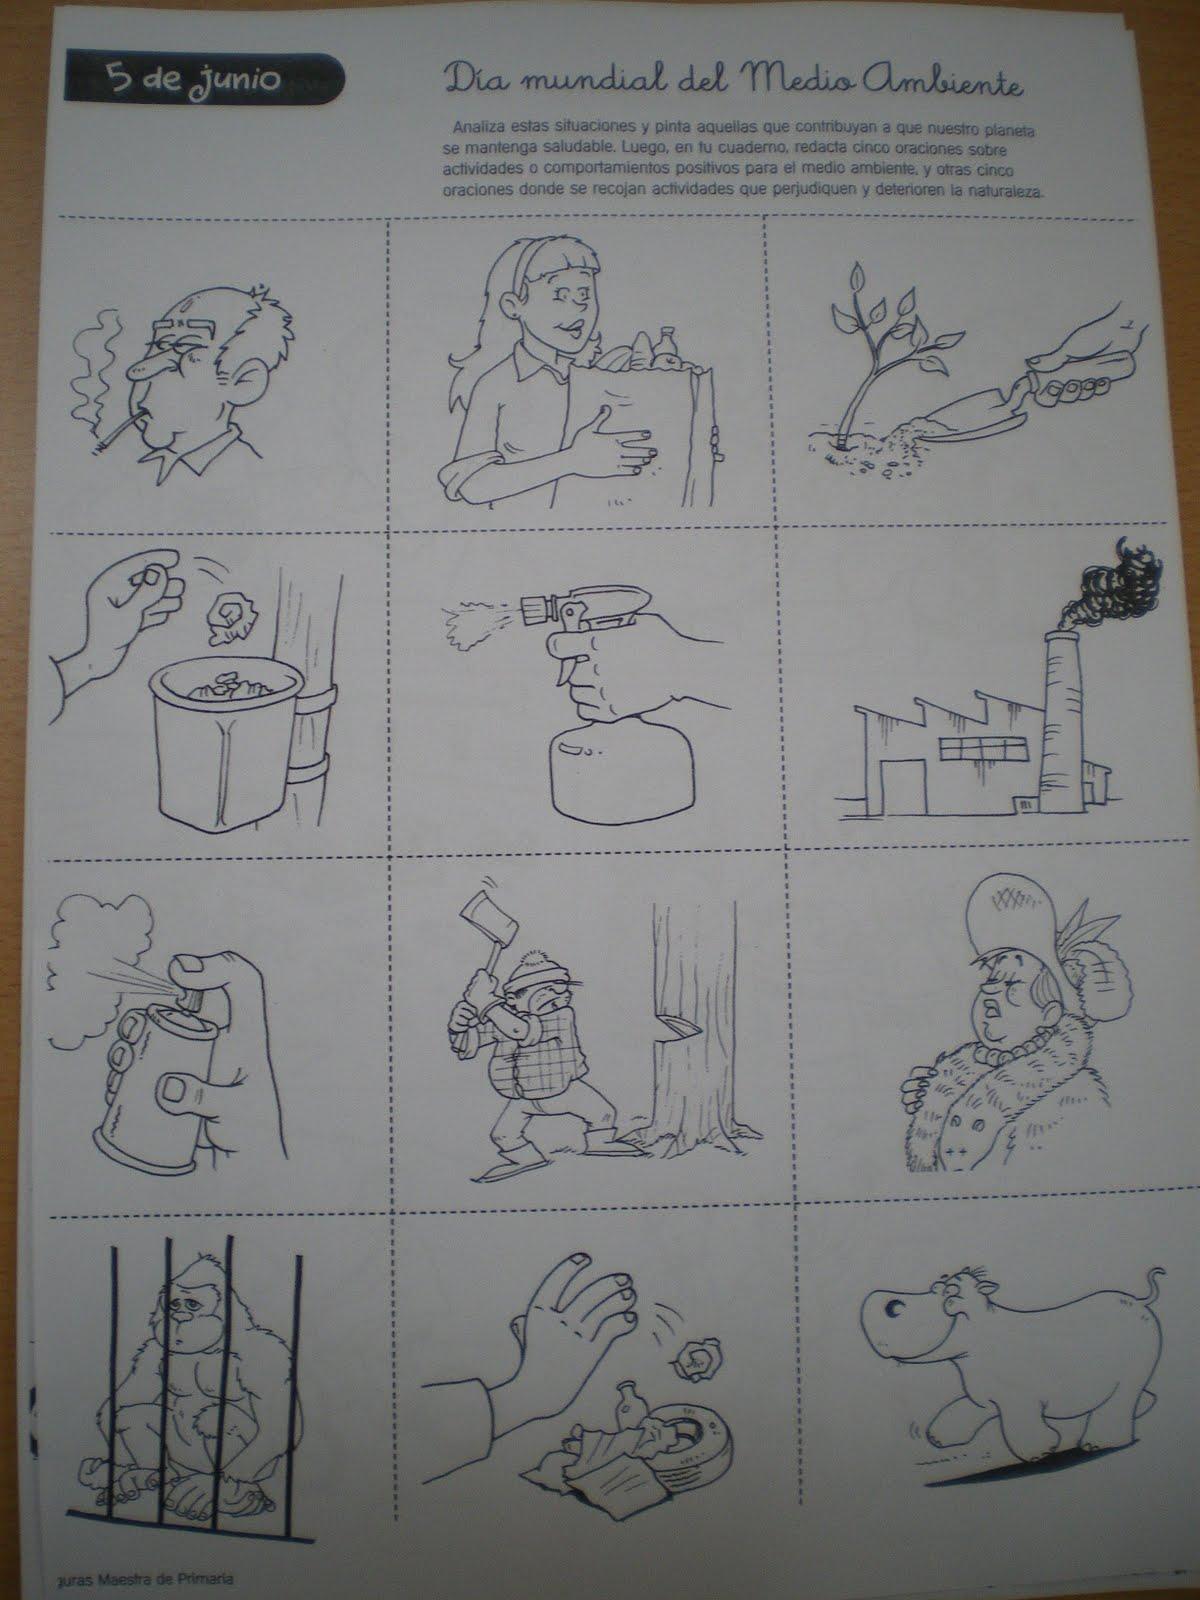 Observar las diferentes viñetas, colorear las situaciones que hacen